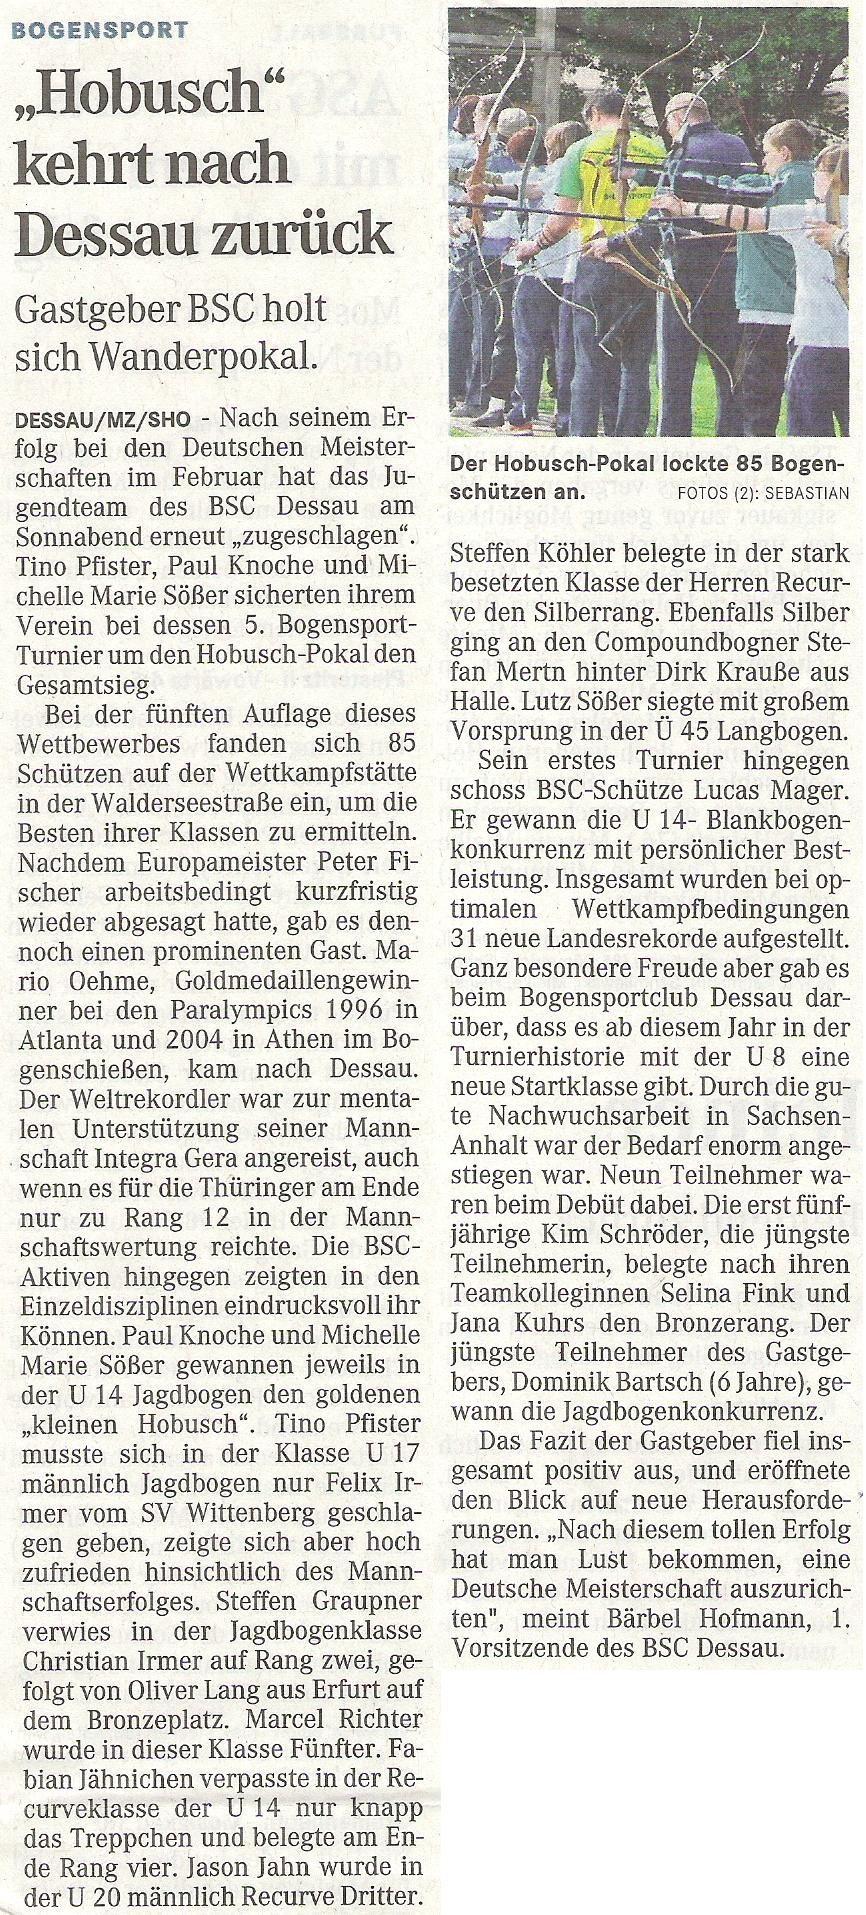 5. Hobusch- Wanderpokal – Mitteldeutsche Zeitung vom 10.05.2010